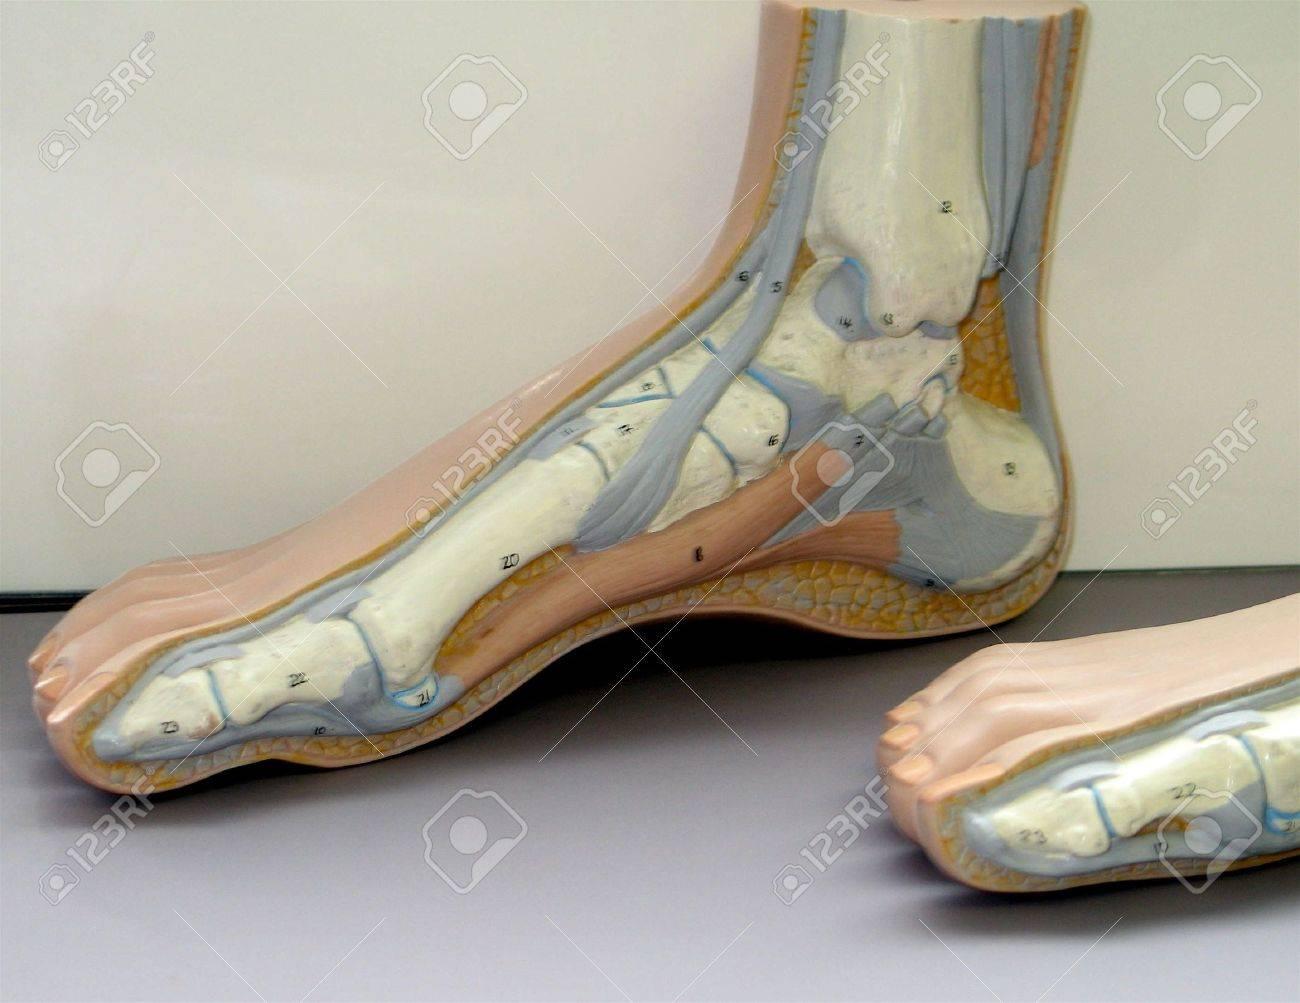 Anatomie Eines Fuß-und Sprunggelenk Lizenzfreie Fotos, Bilder Und ...